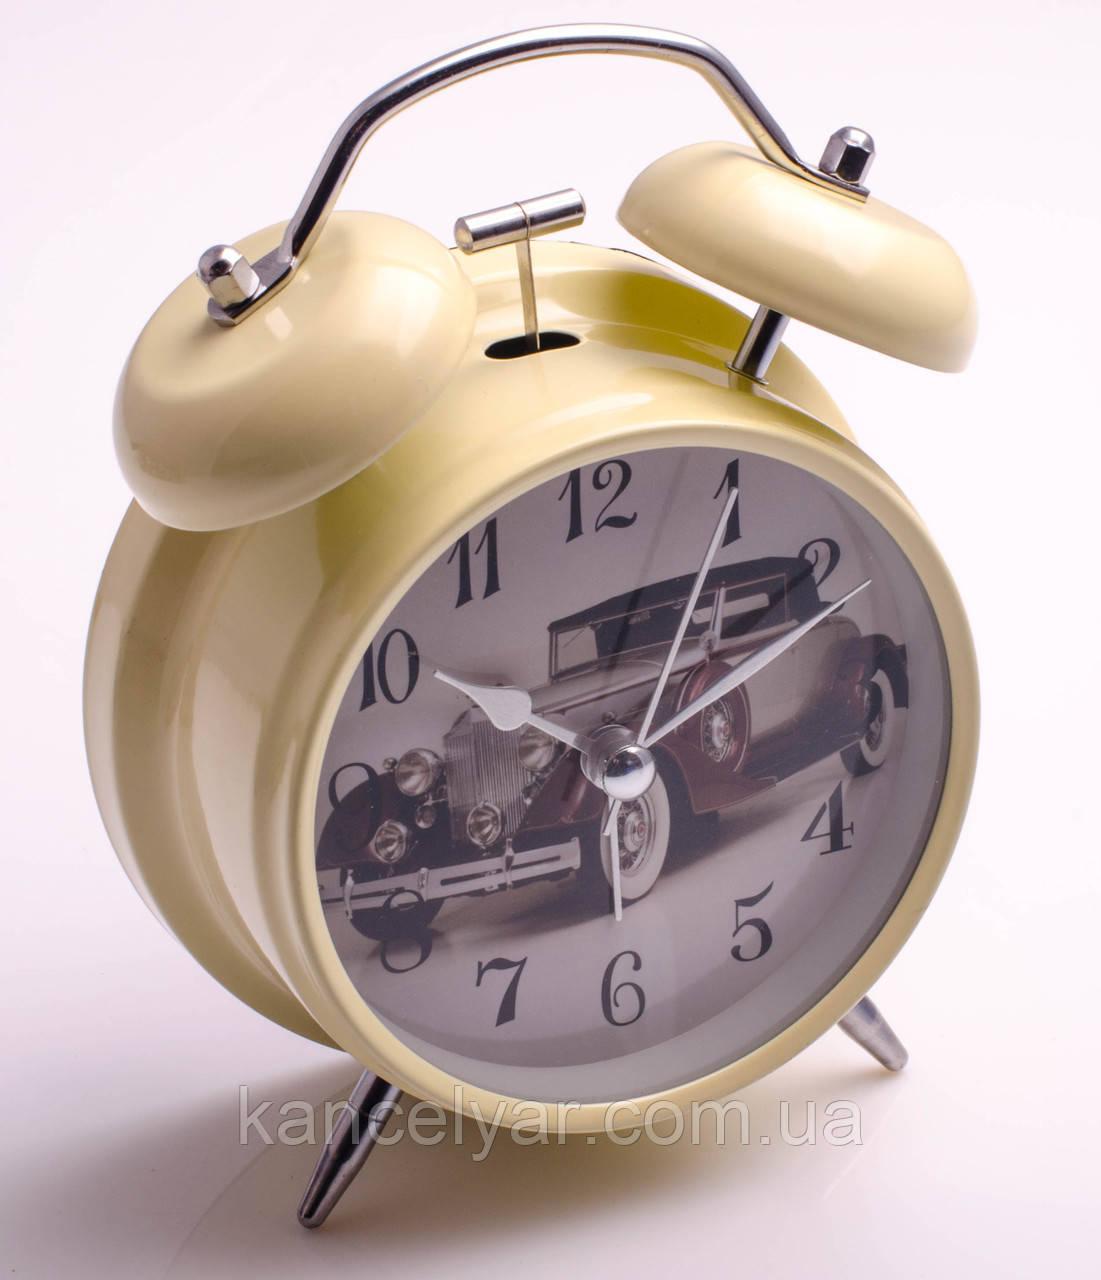 Часы-будильник с подсветкой и молоточком в металлическом корпусе, в ассортименте